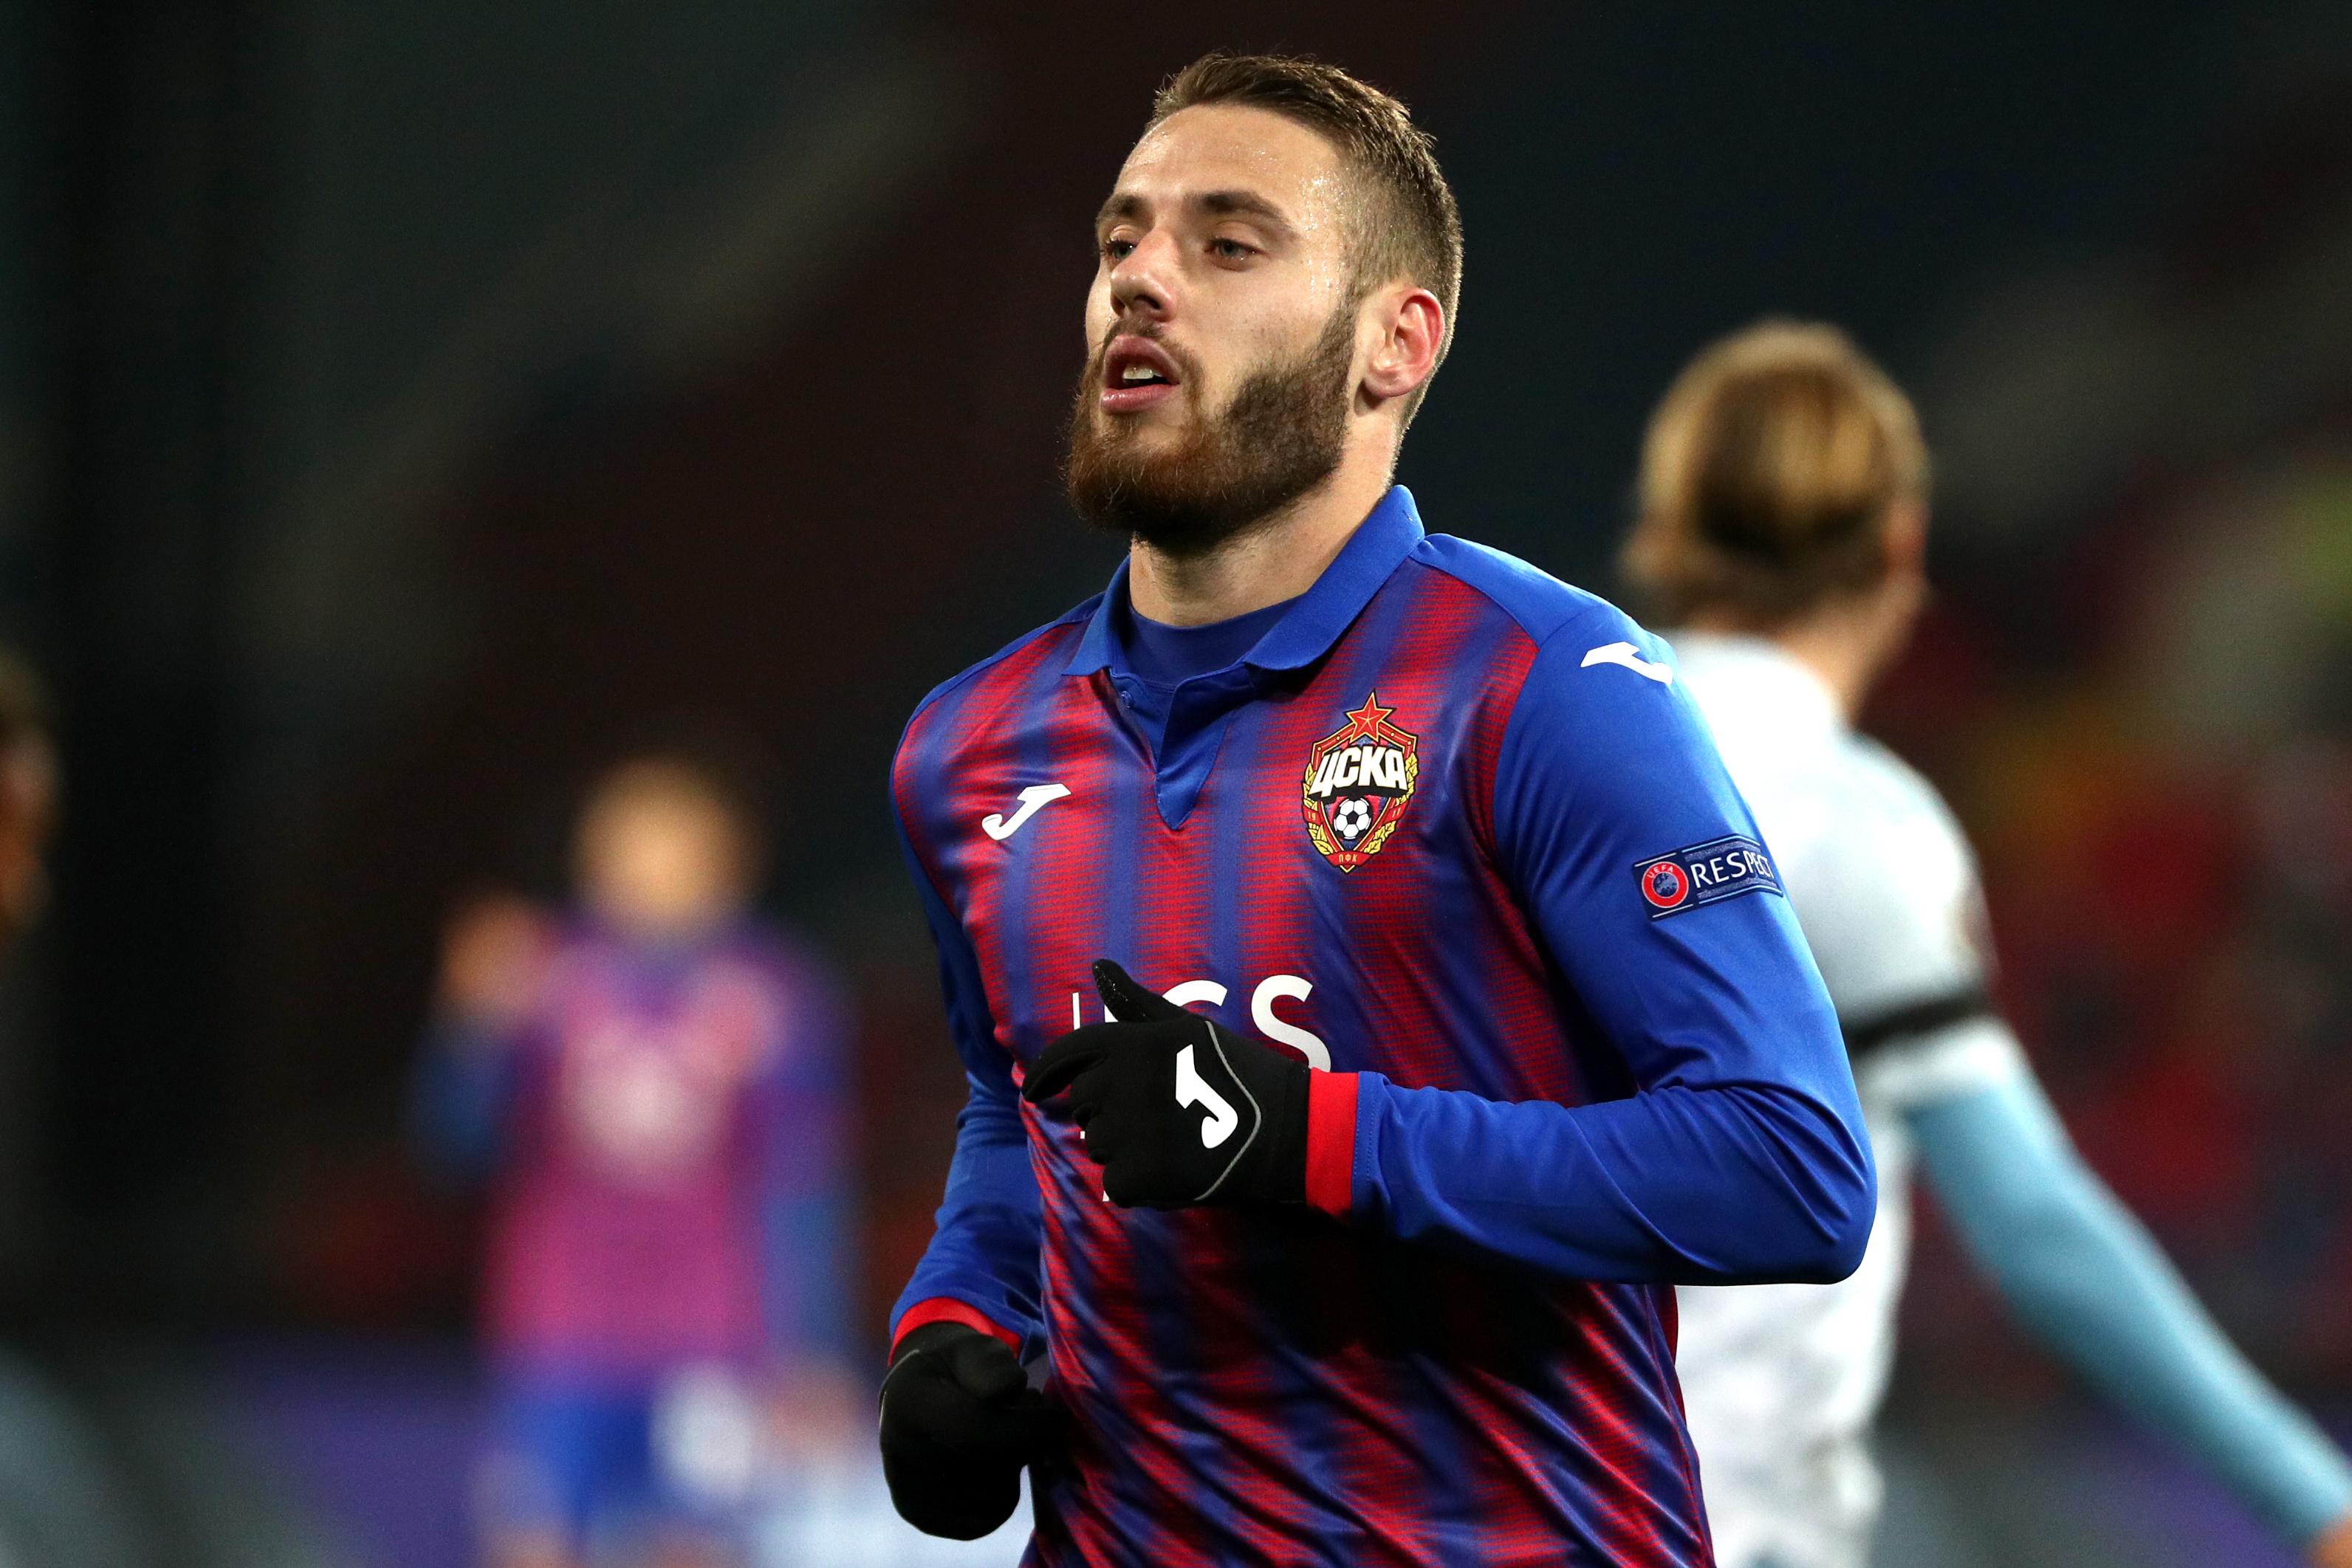 Российские клубы не выиграли ни одного матча за два тура еврокубков